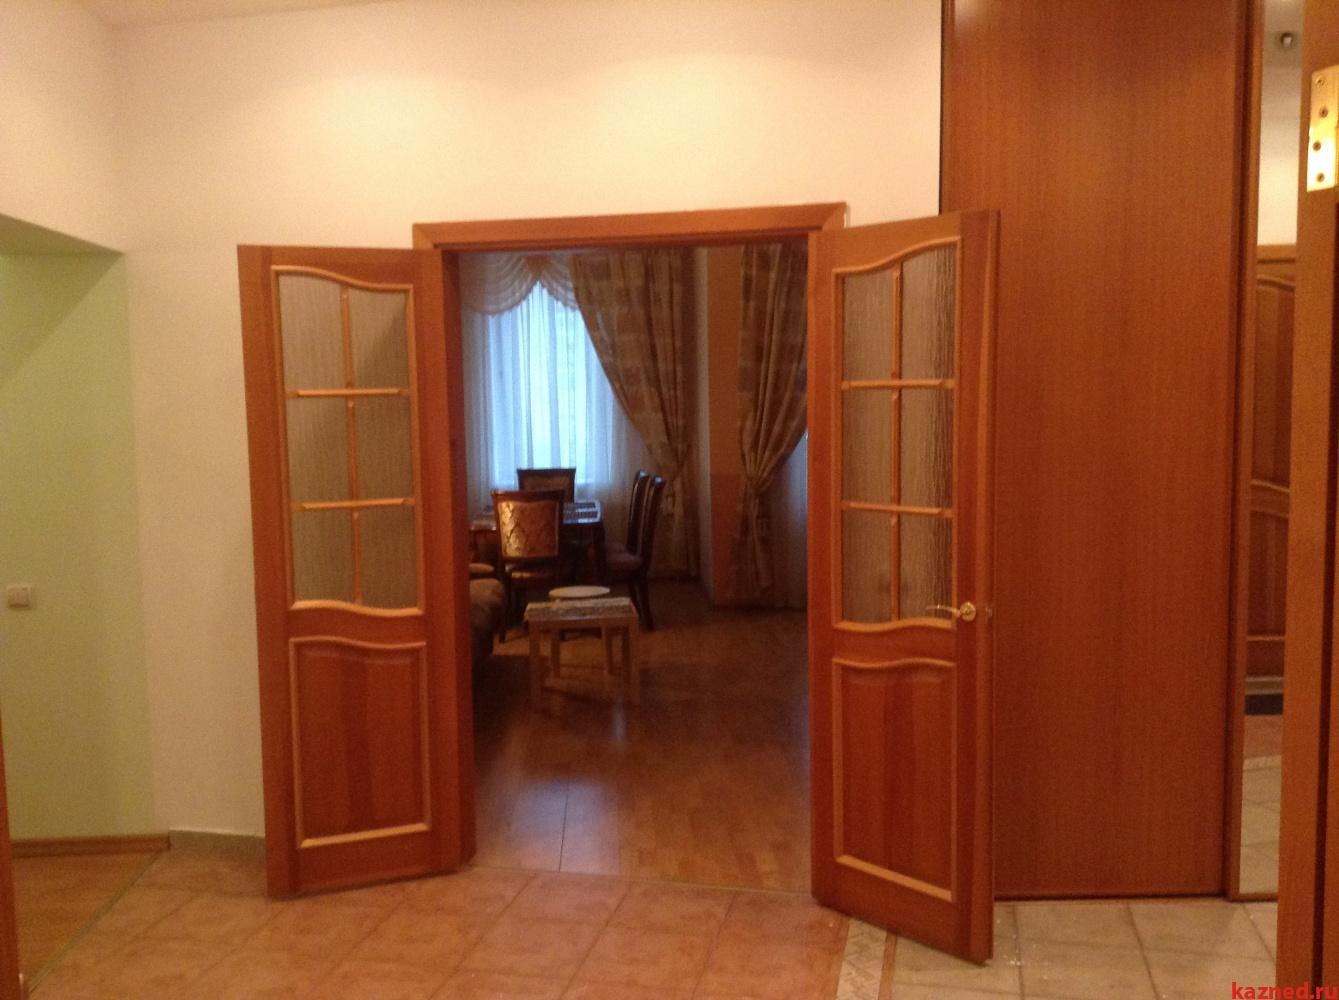 Продажа 4-к квартиры Эсперанто 12В, 150 м²  (миниатюра №4)